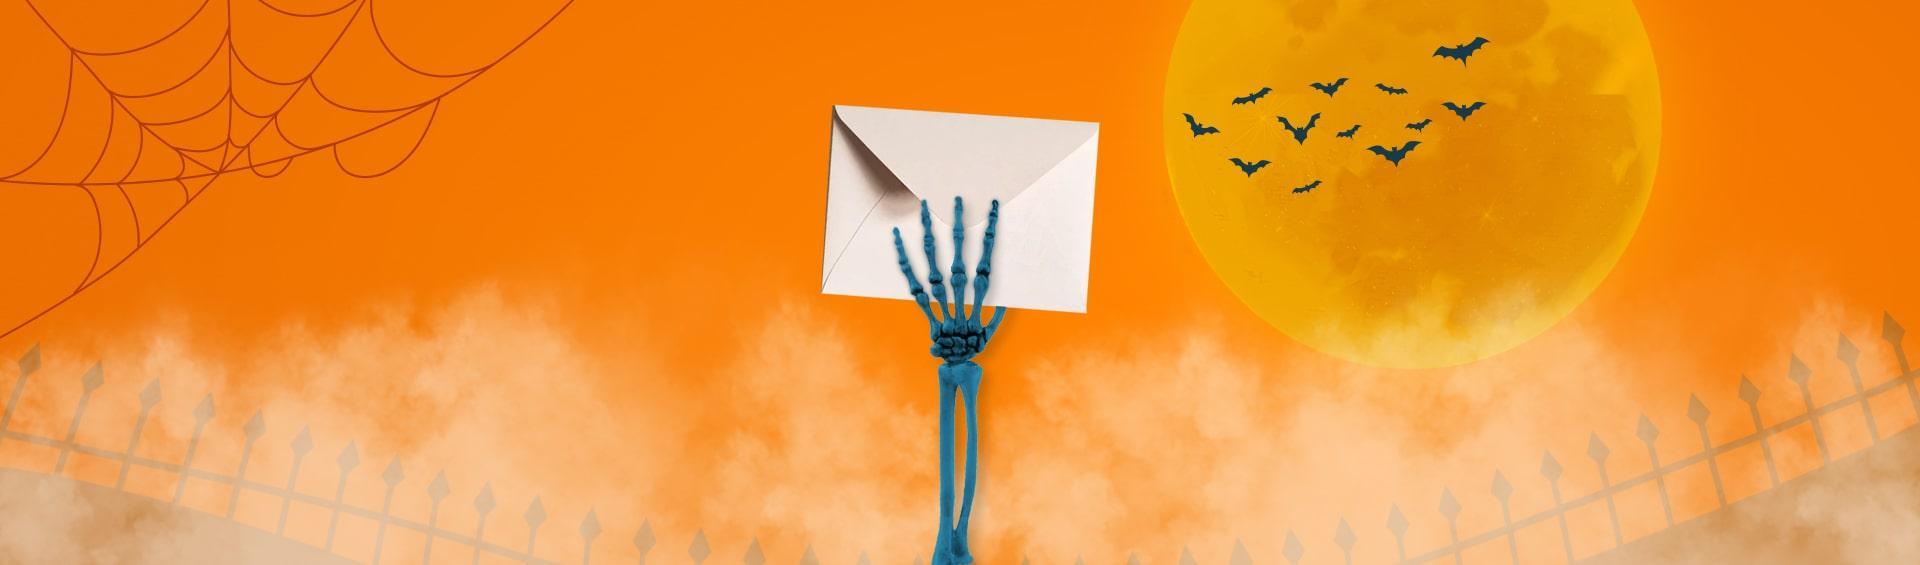 Топ-15 писем наХеллоуин: чемпугать ирадовать подписчиков в2020-м